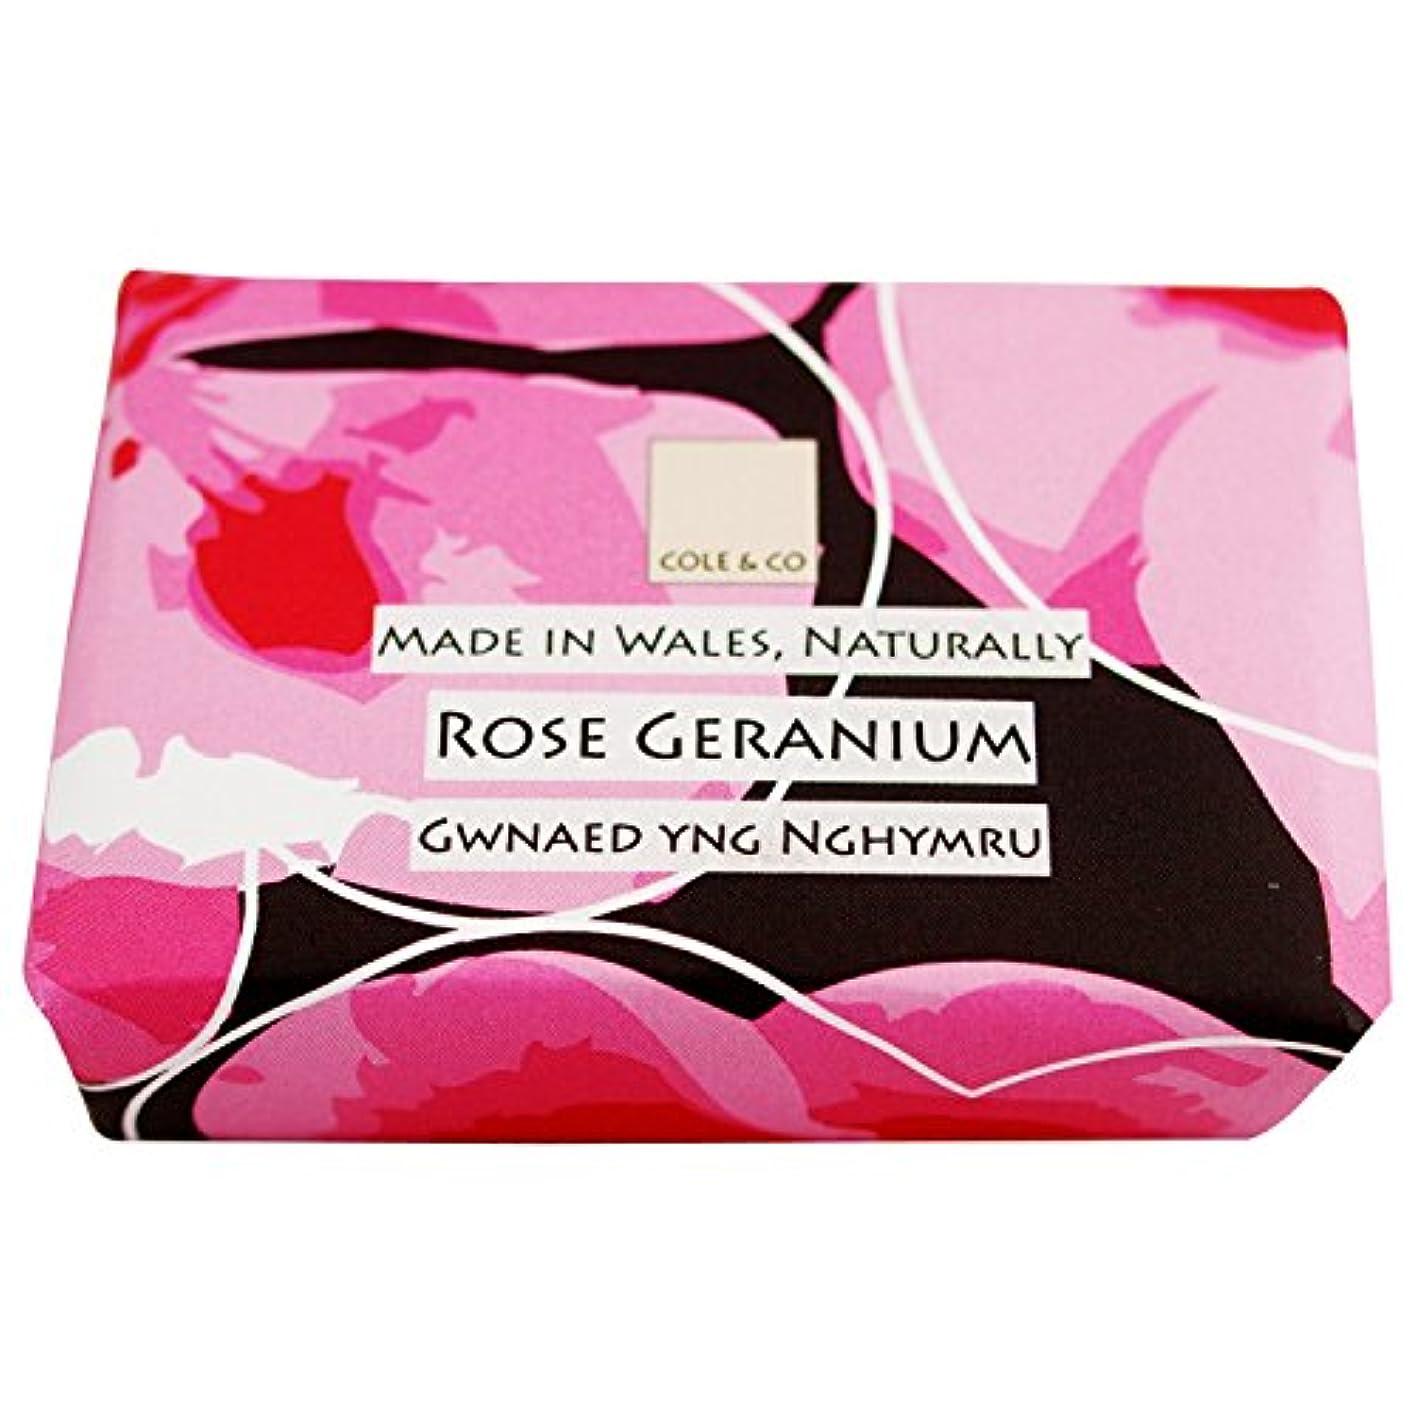 理容室襲撃休暇コール&Coはゼラニウム石鹸80グラムのバラ (Cole & Co) - Cole & Co Rose Geranium Soap 80g [並行輸入品]